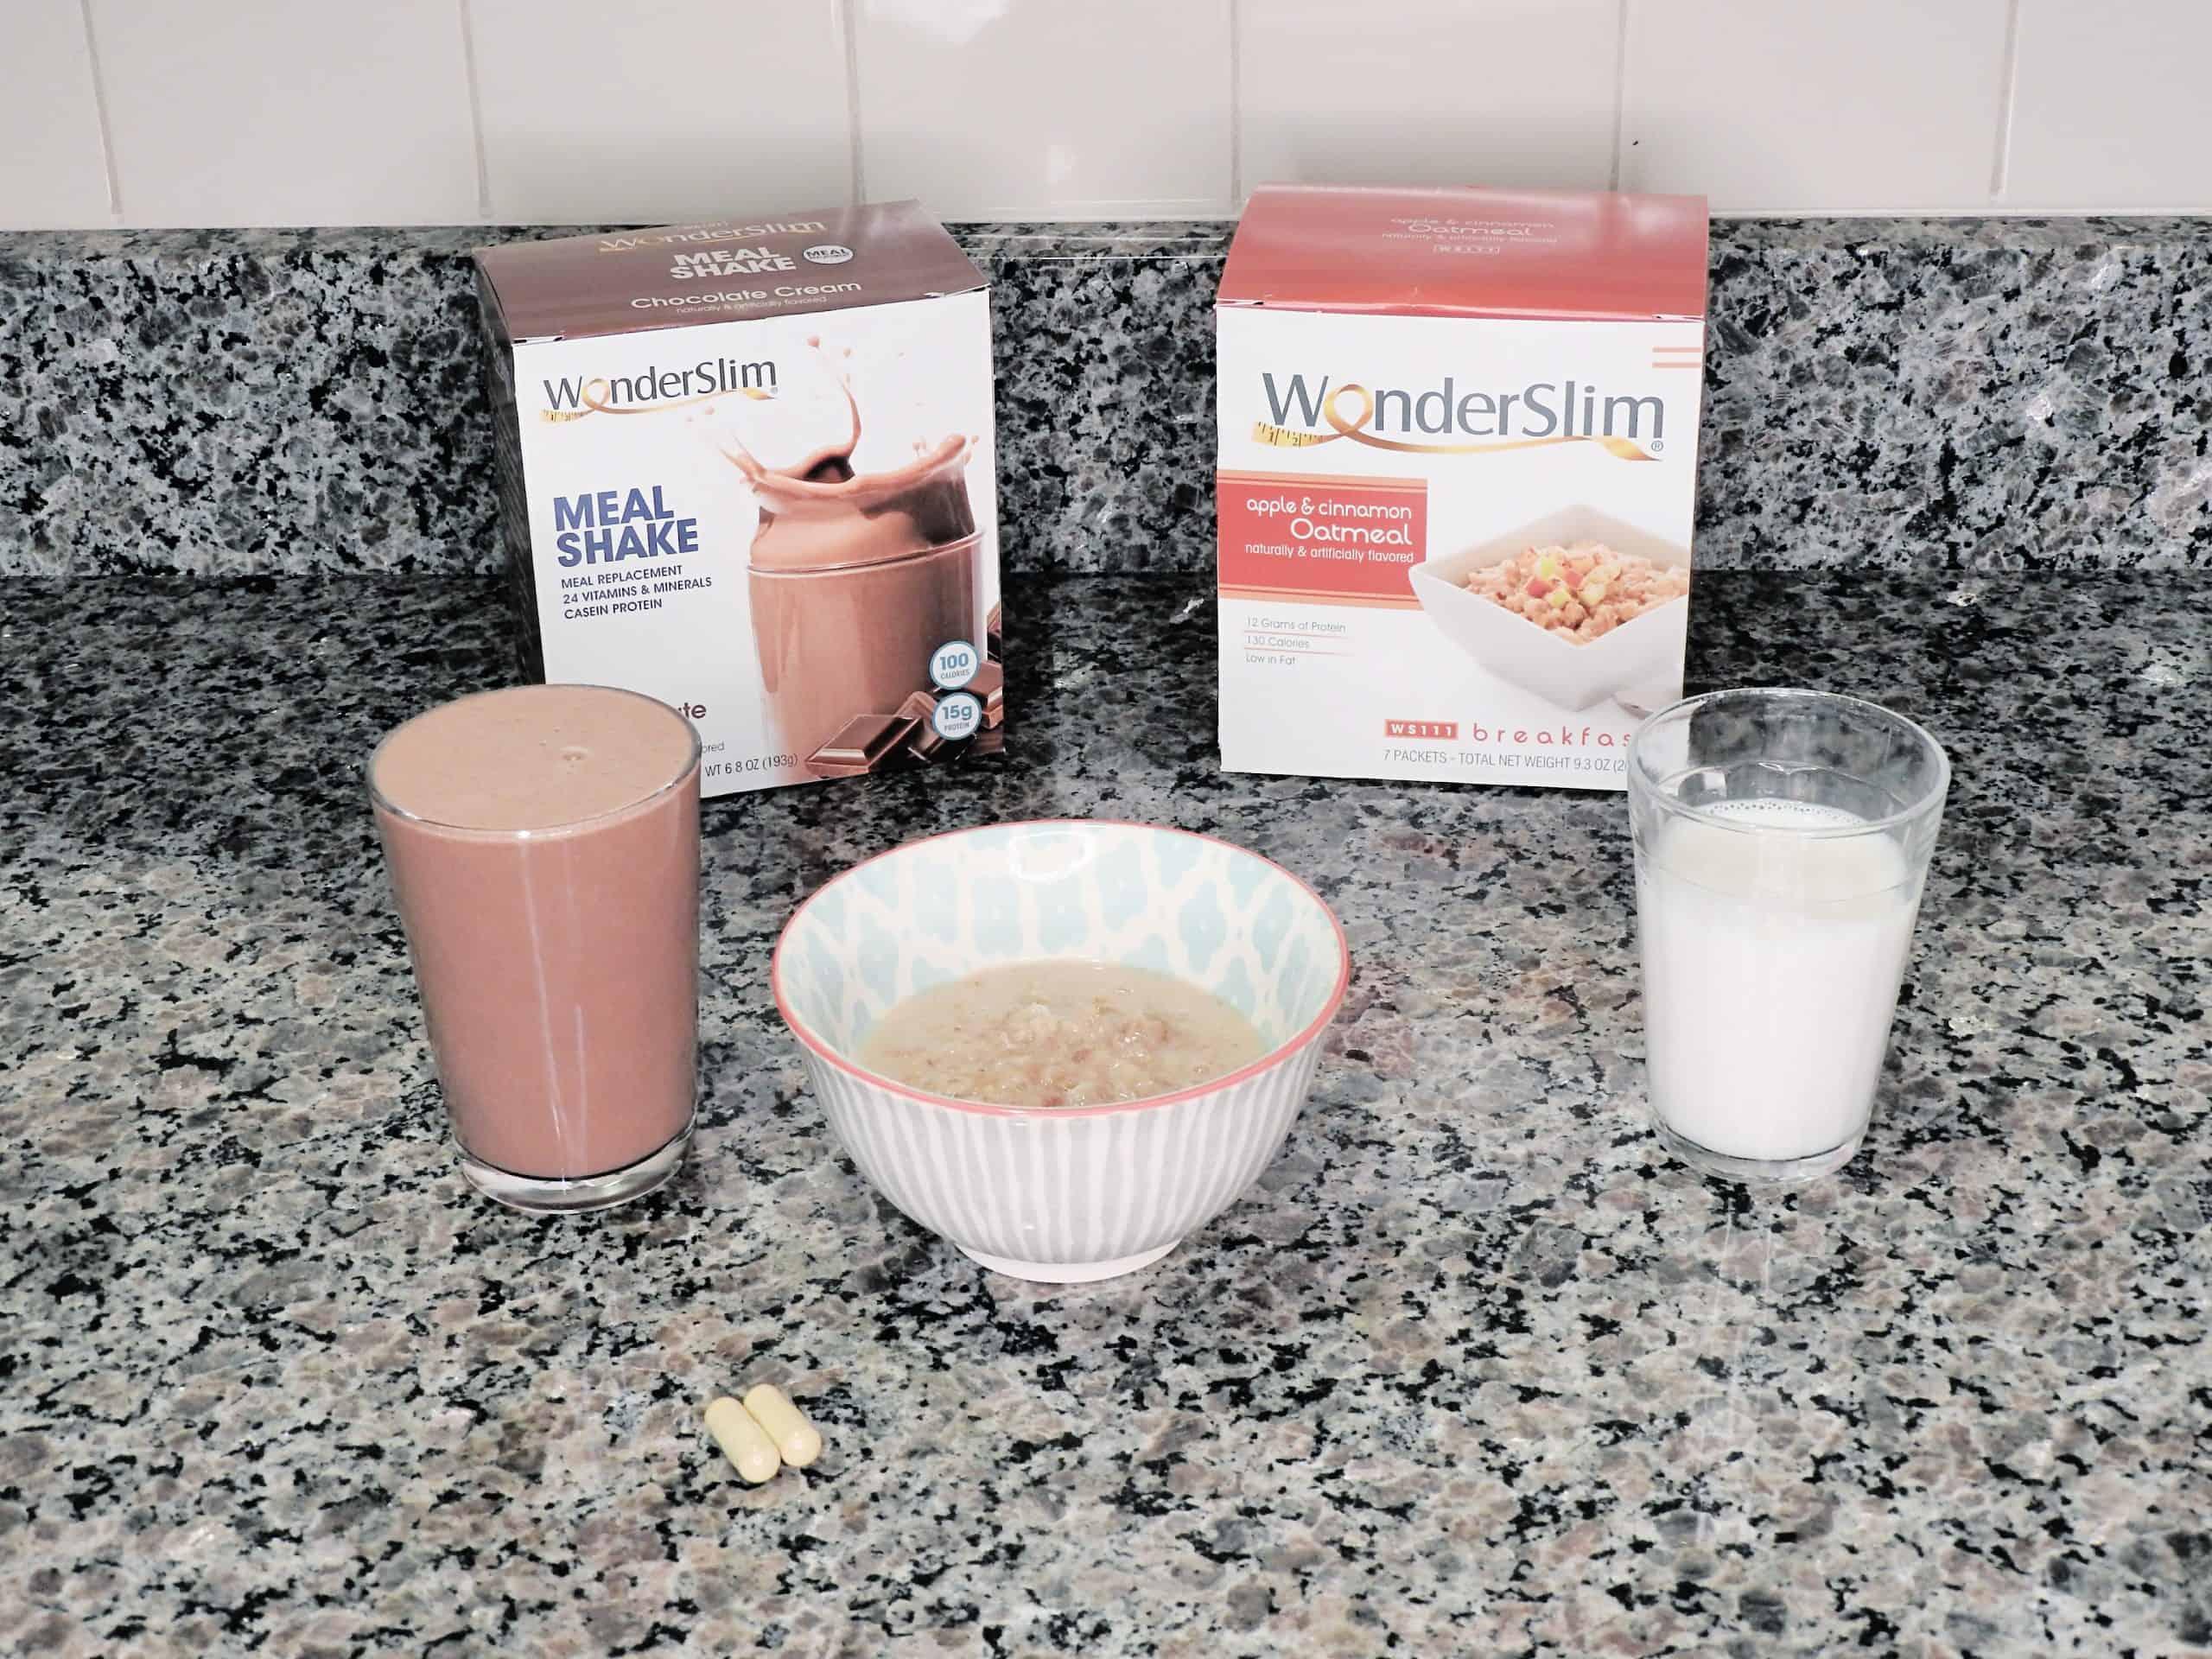 WonderSlim meal shakes